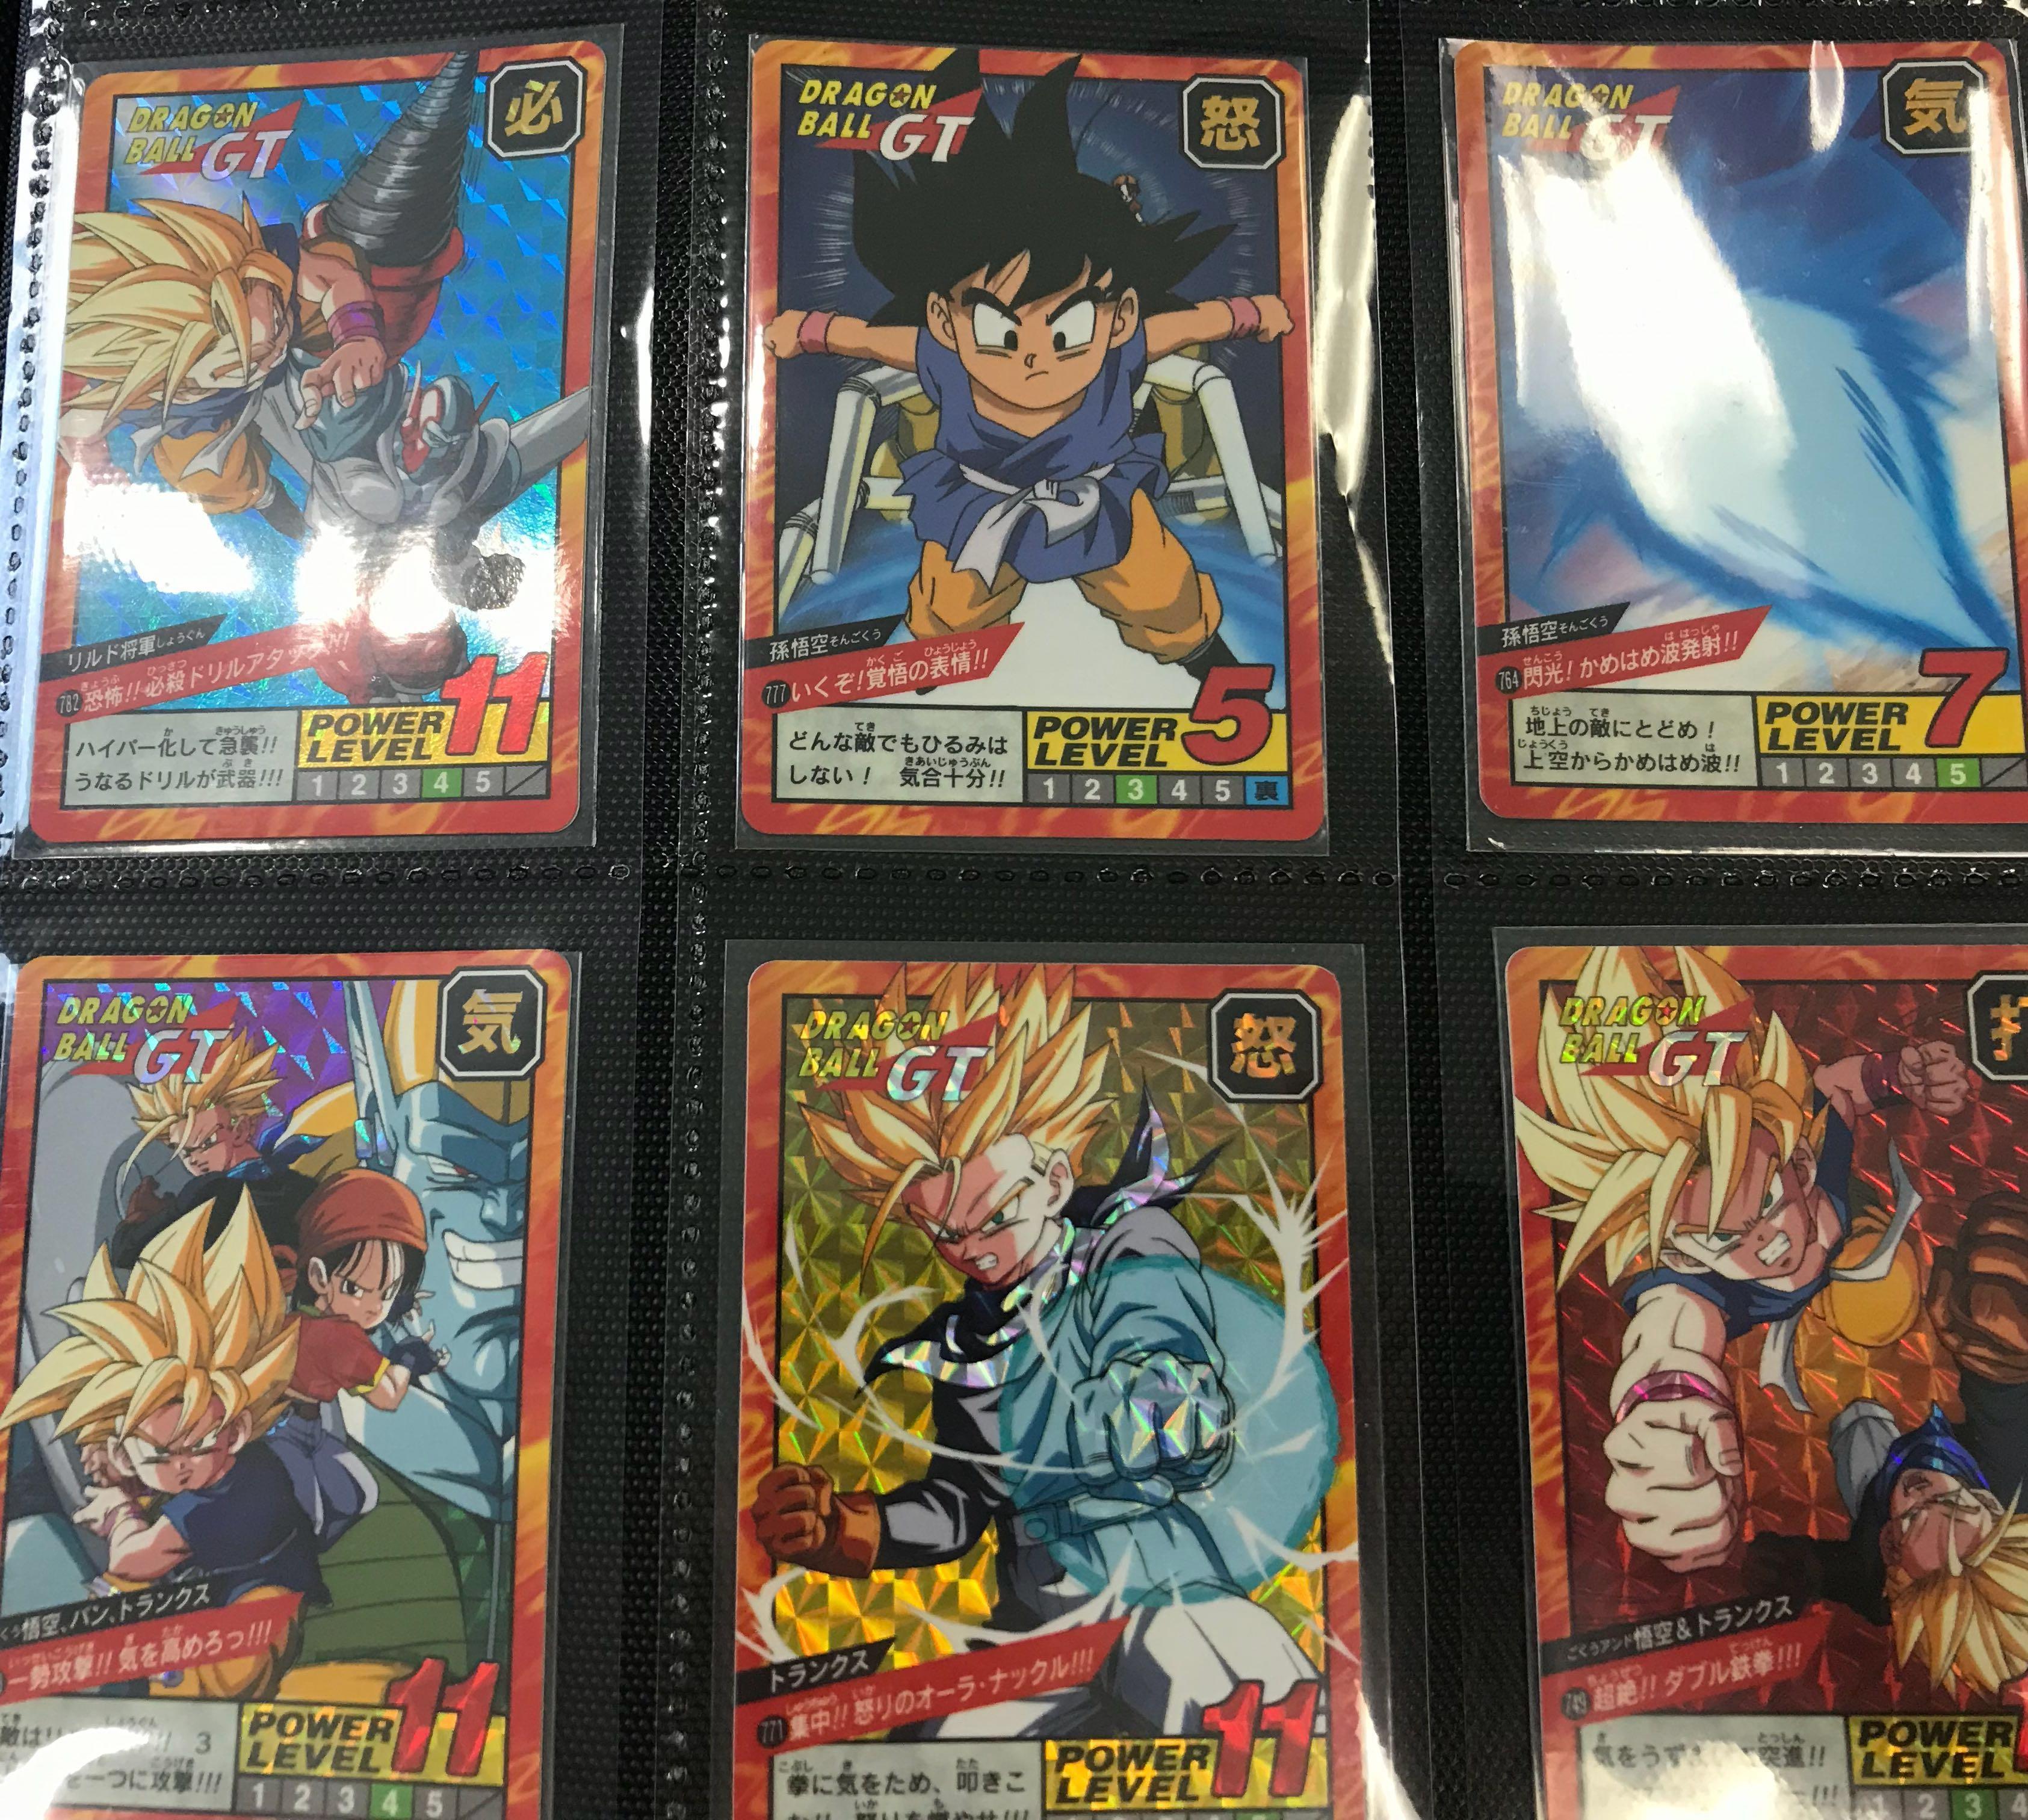 龍珠 激鬥18 全套 閃卡6張  閃中閃 777暗閃 Dragon Ball Card Japan  95% 美品 未開